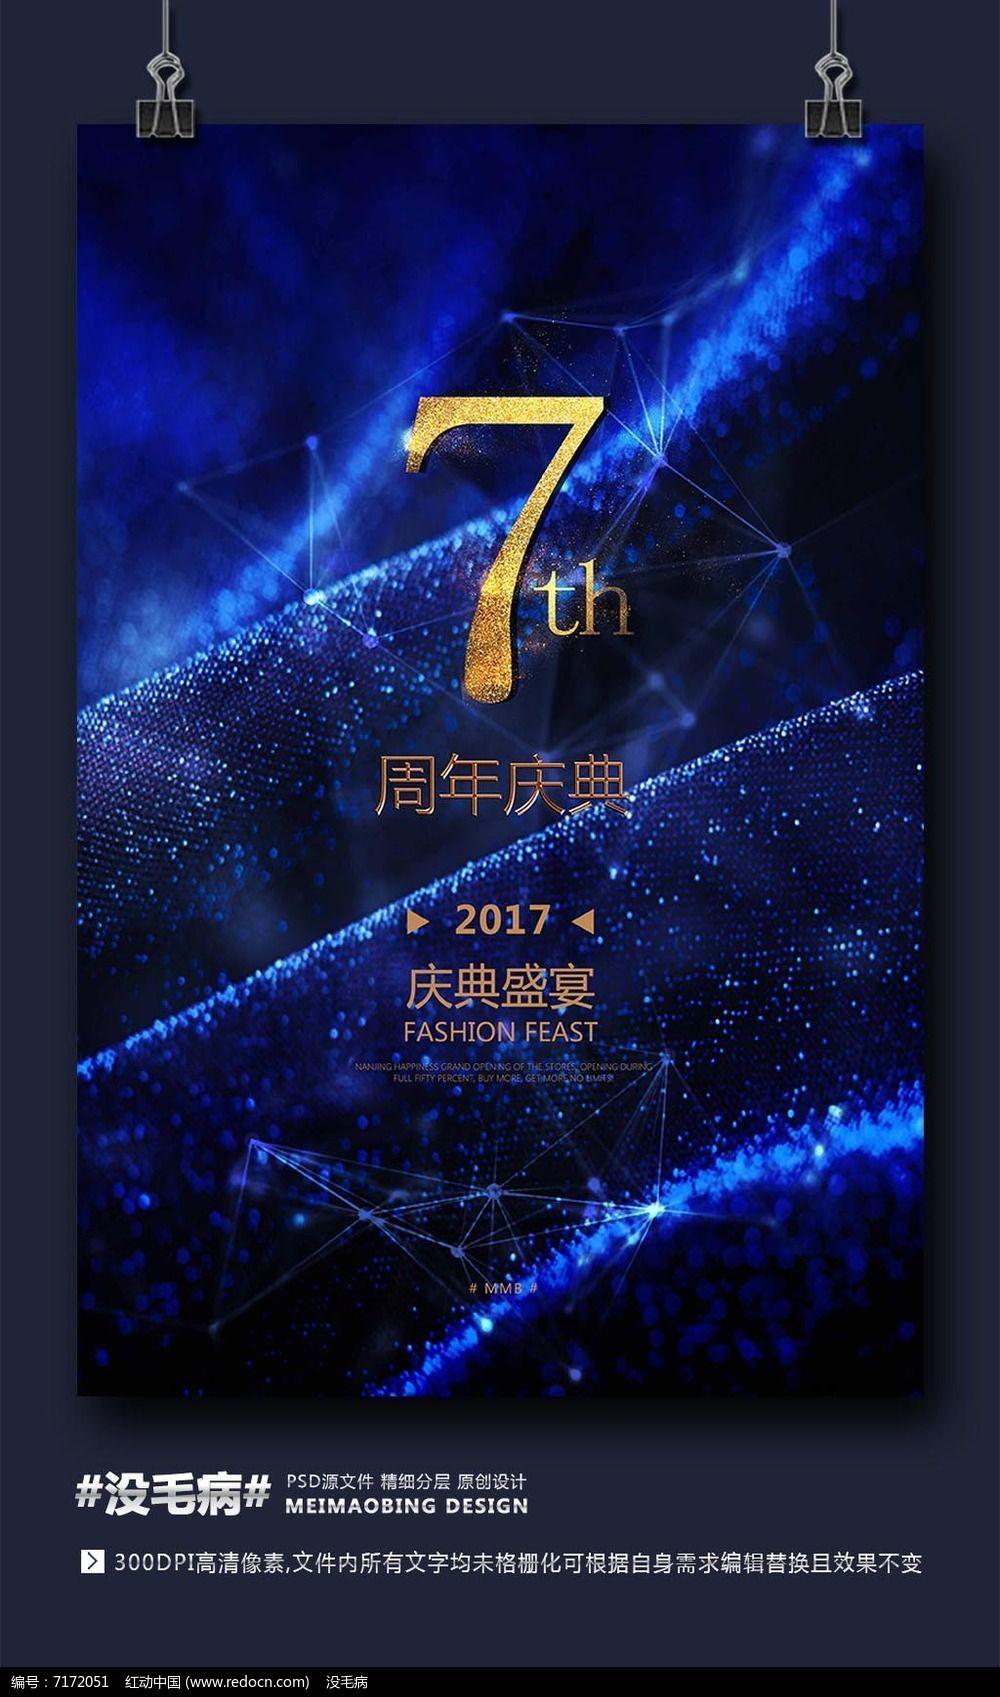 蓝色高端周年庆促销海报psd素材下载_海报设计图片